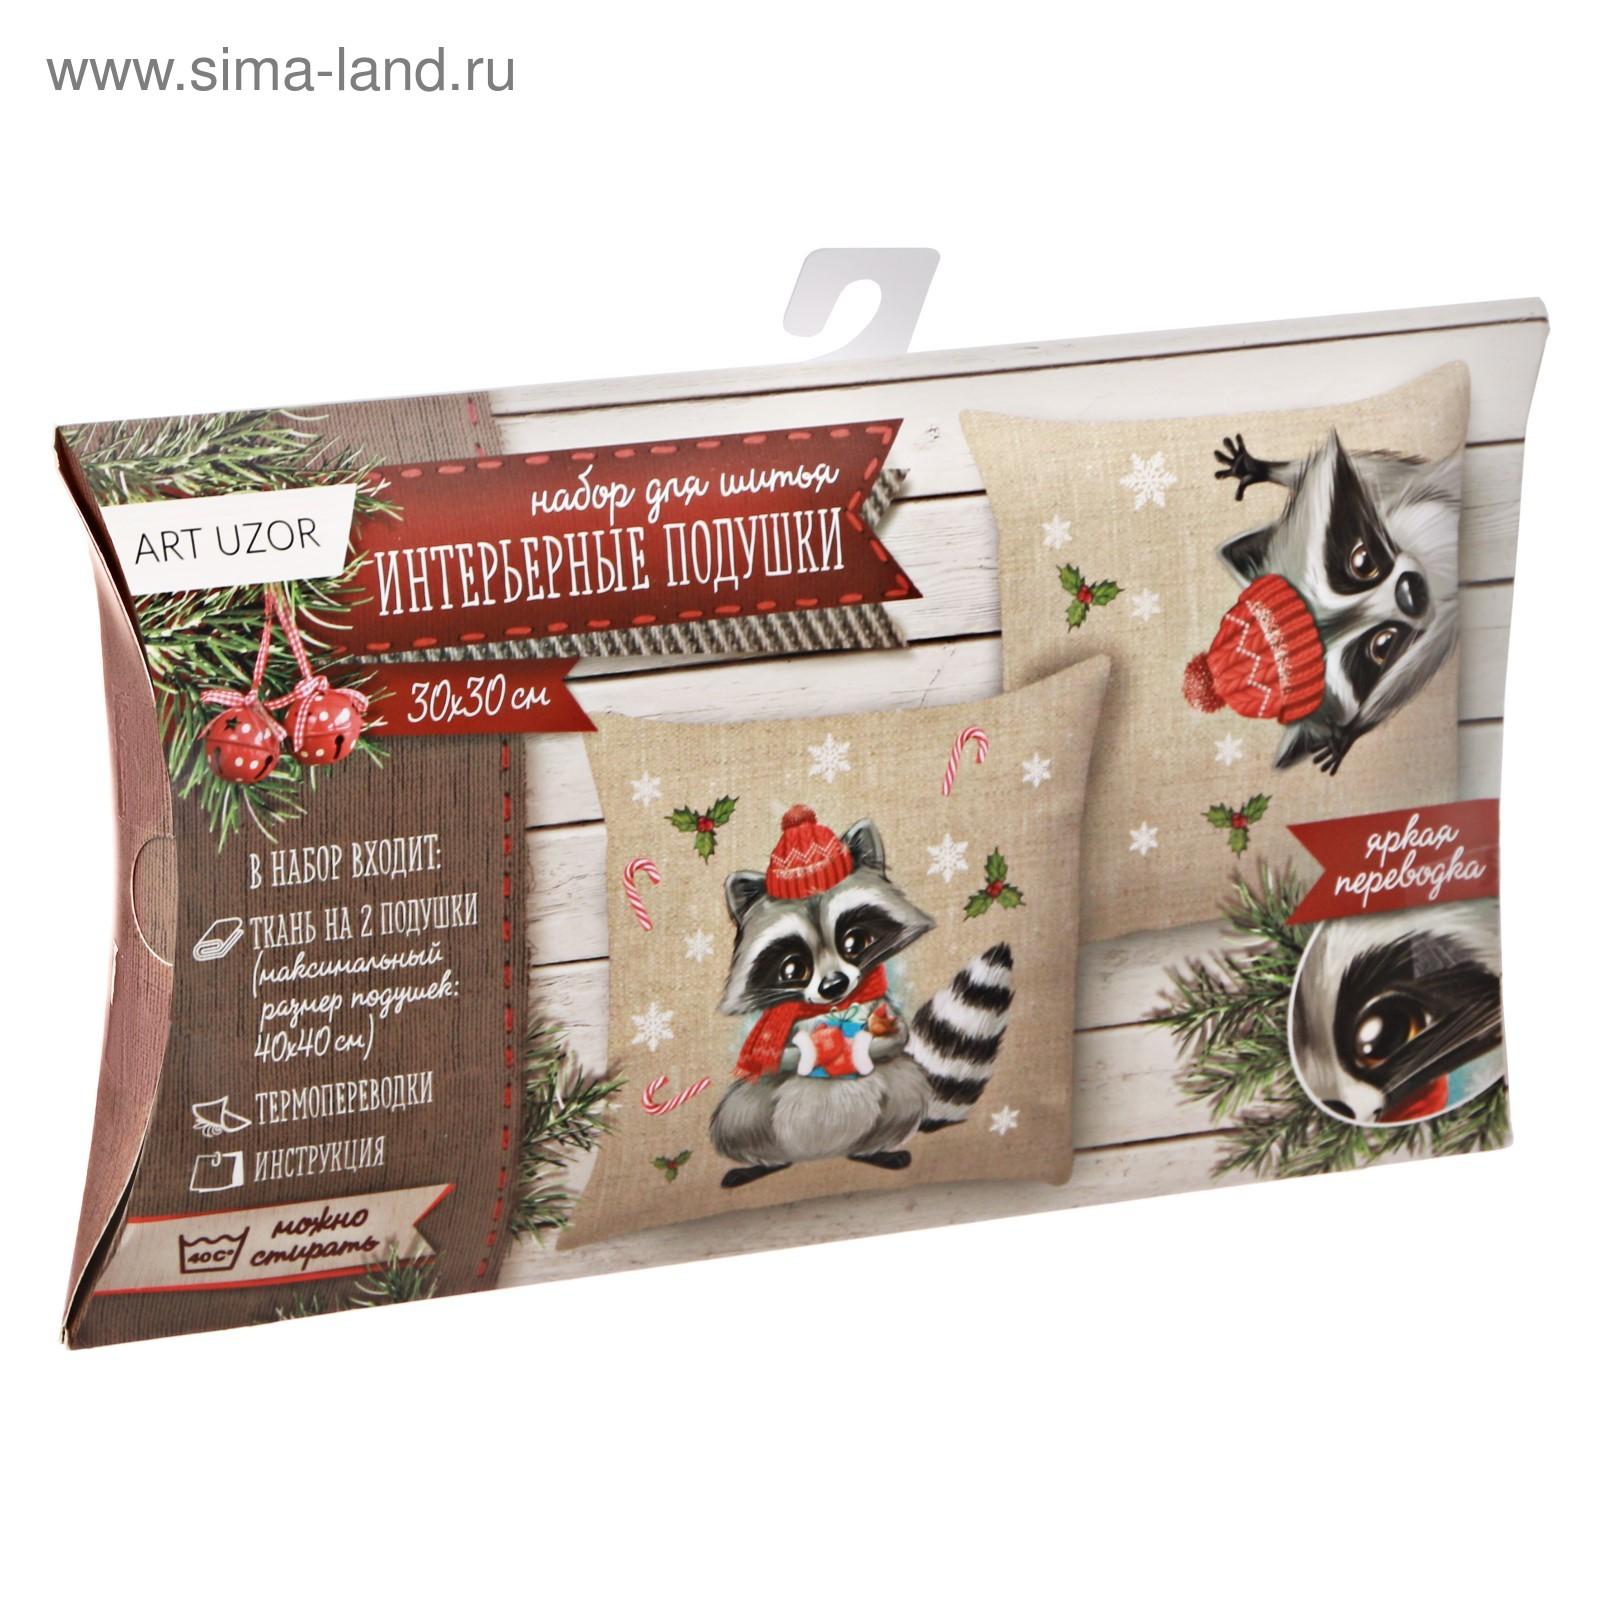 Творч Набор для шитья НГ Подушки интерьерные с переводками Праздничный енот